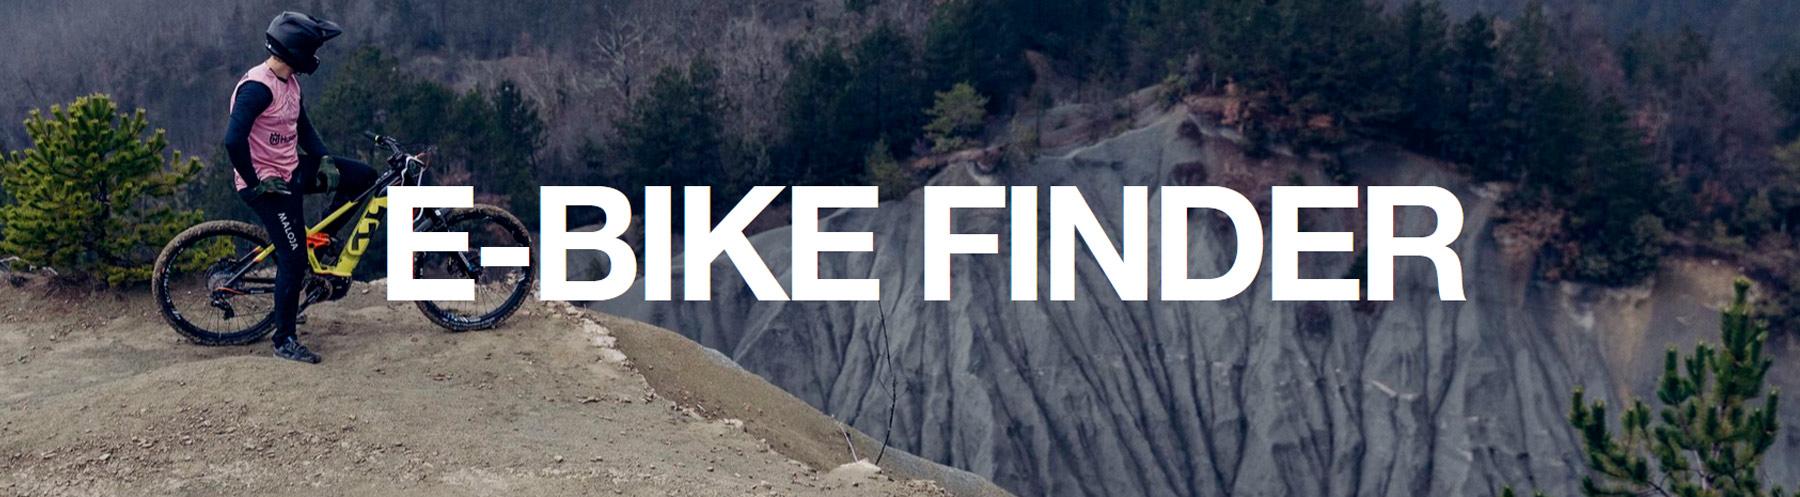 e bike finder